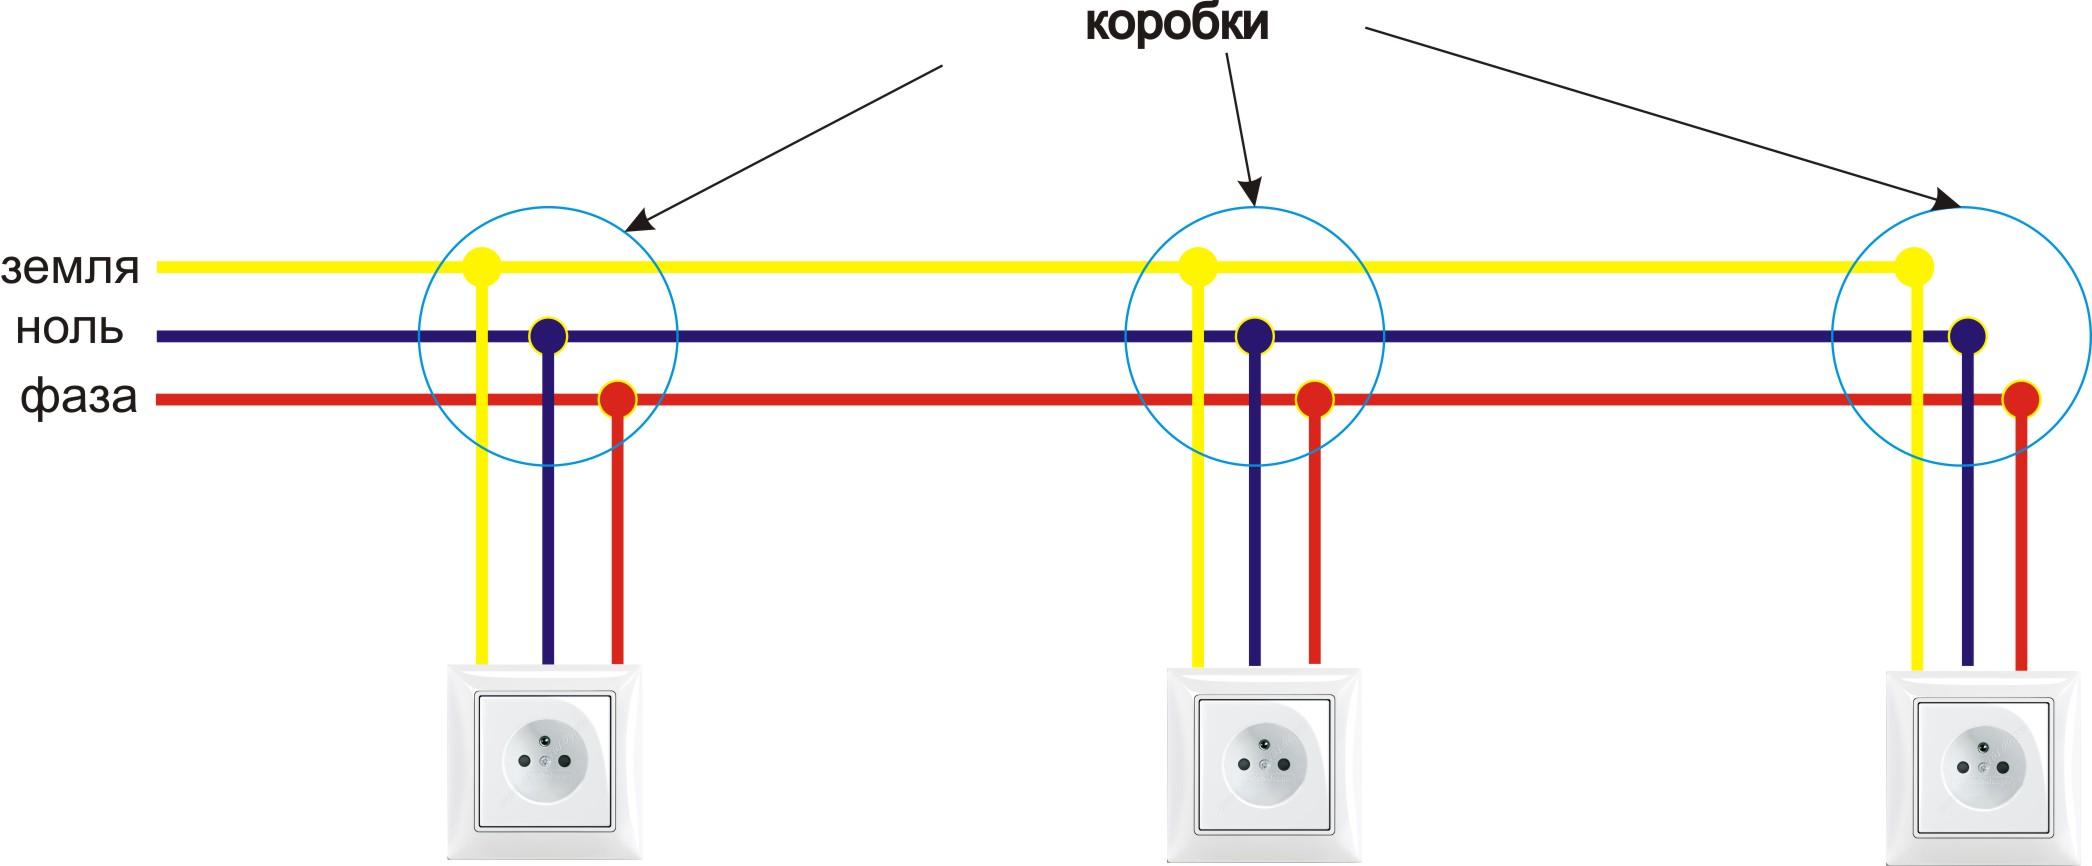 Схема включения выключателя от розетки